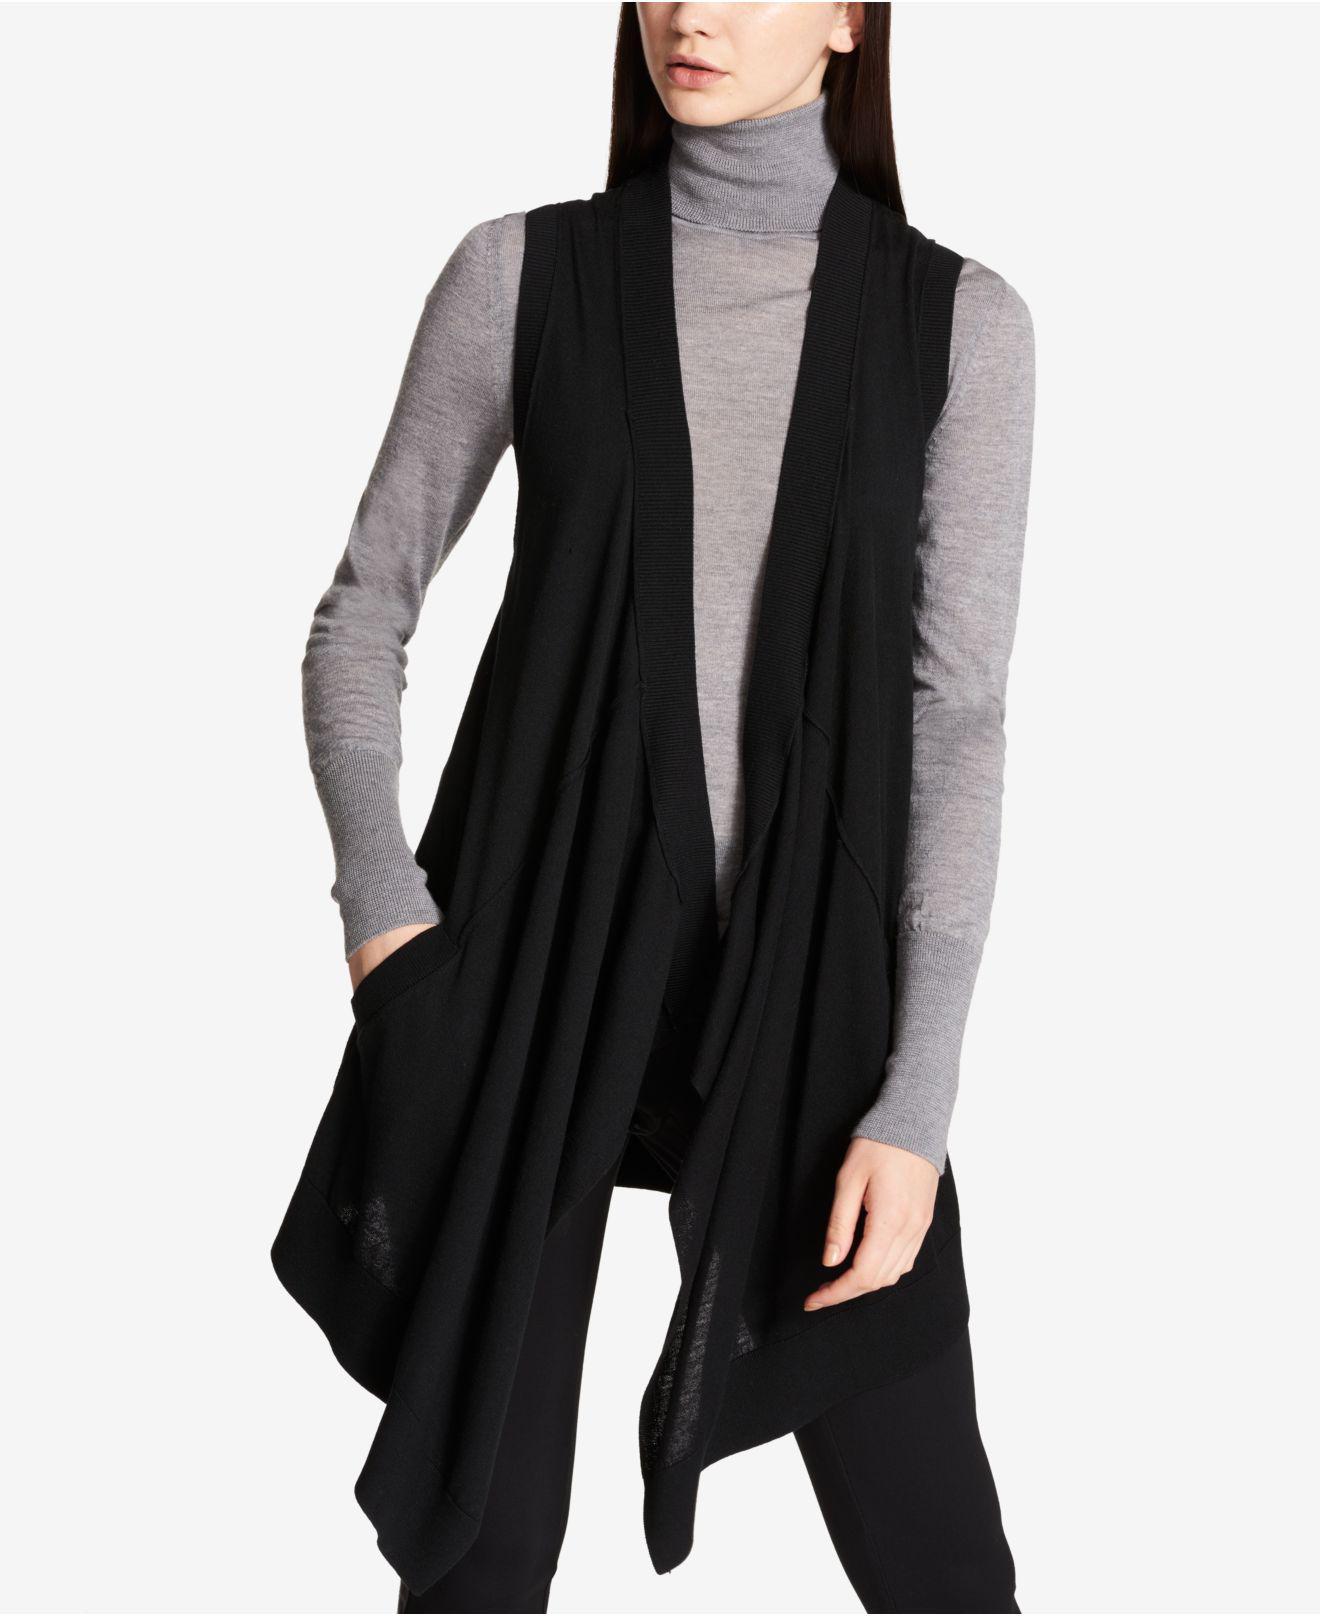 Dkny Long Waterfall Sweater Vest in Black | Lyst